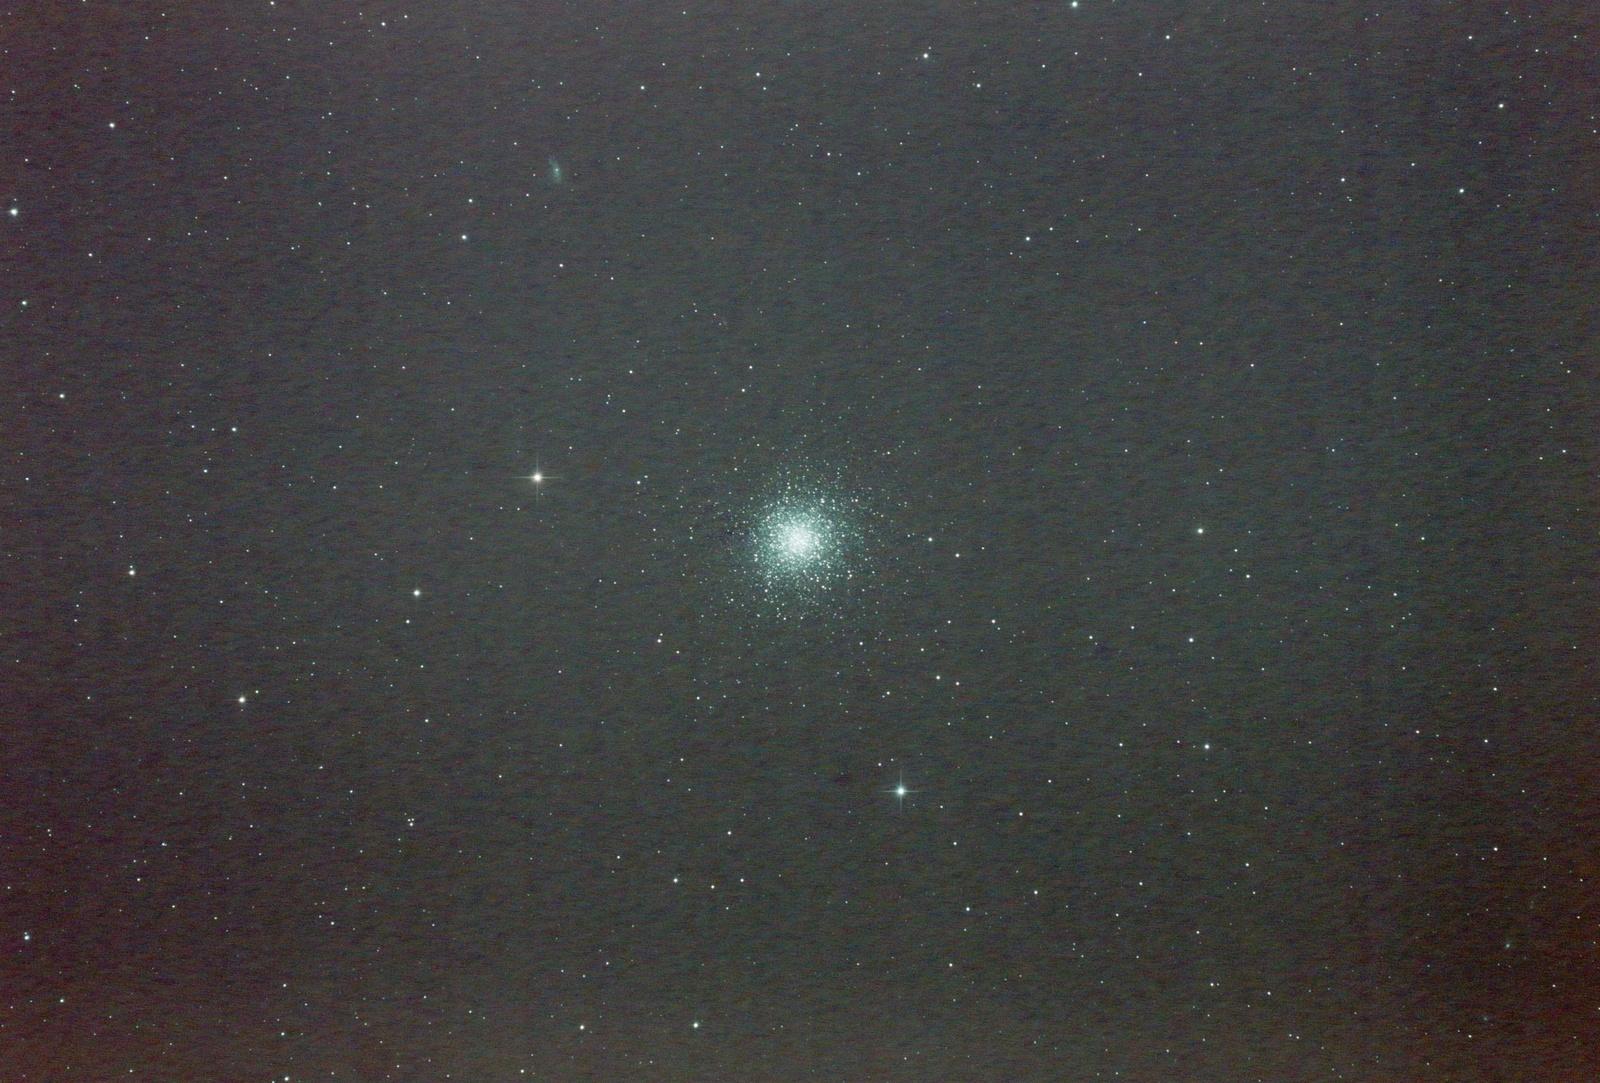 M31_MasterFrame_STF_crop.thumb.jpg.3f8d9fd72fadd6faf76dad9c7ef513da.jpg